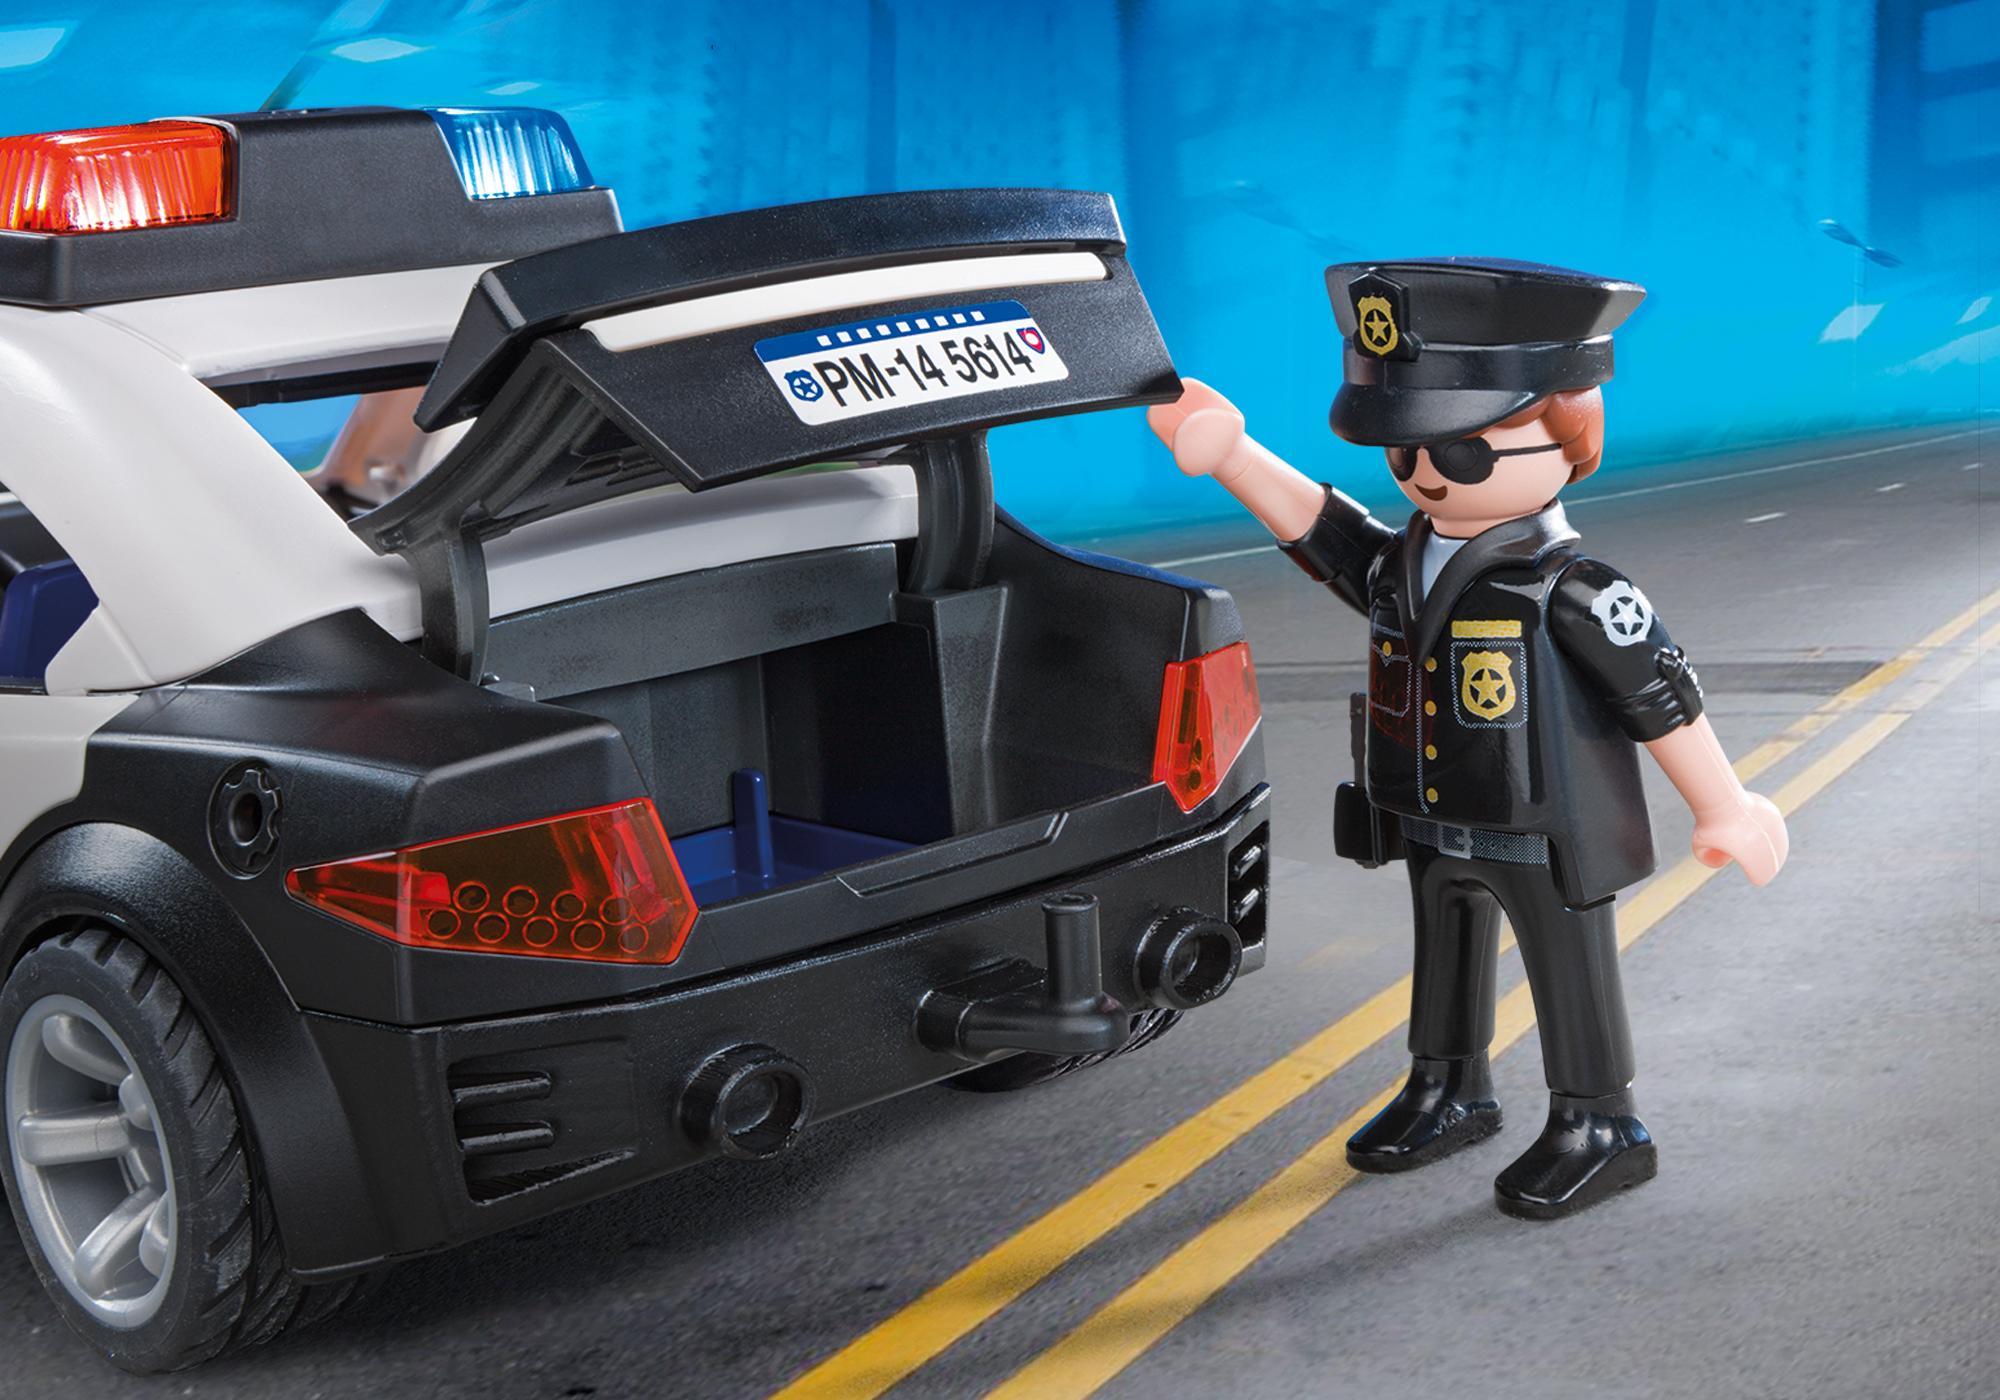 http://media.playmobil.com/i/playmobil/5673_product_extra1/Police Car